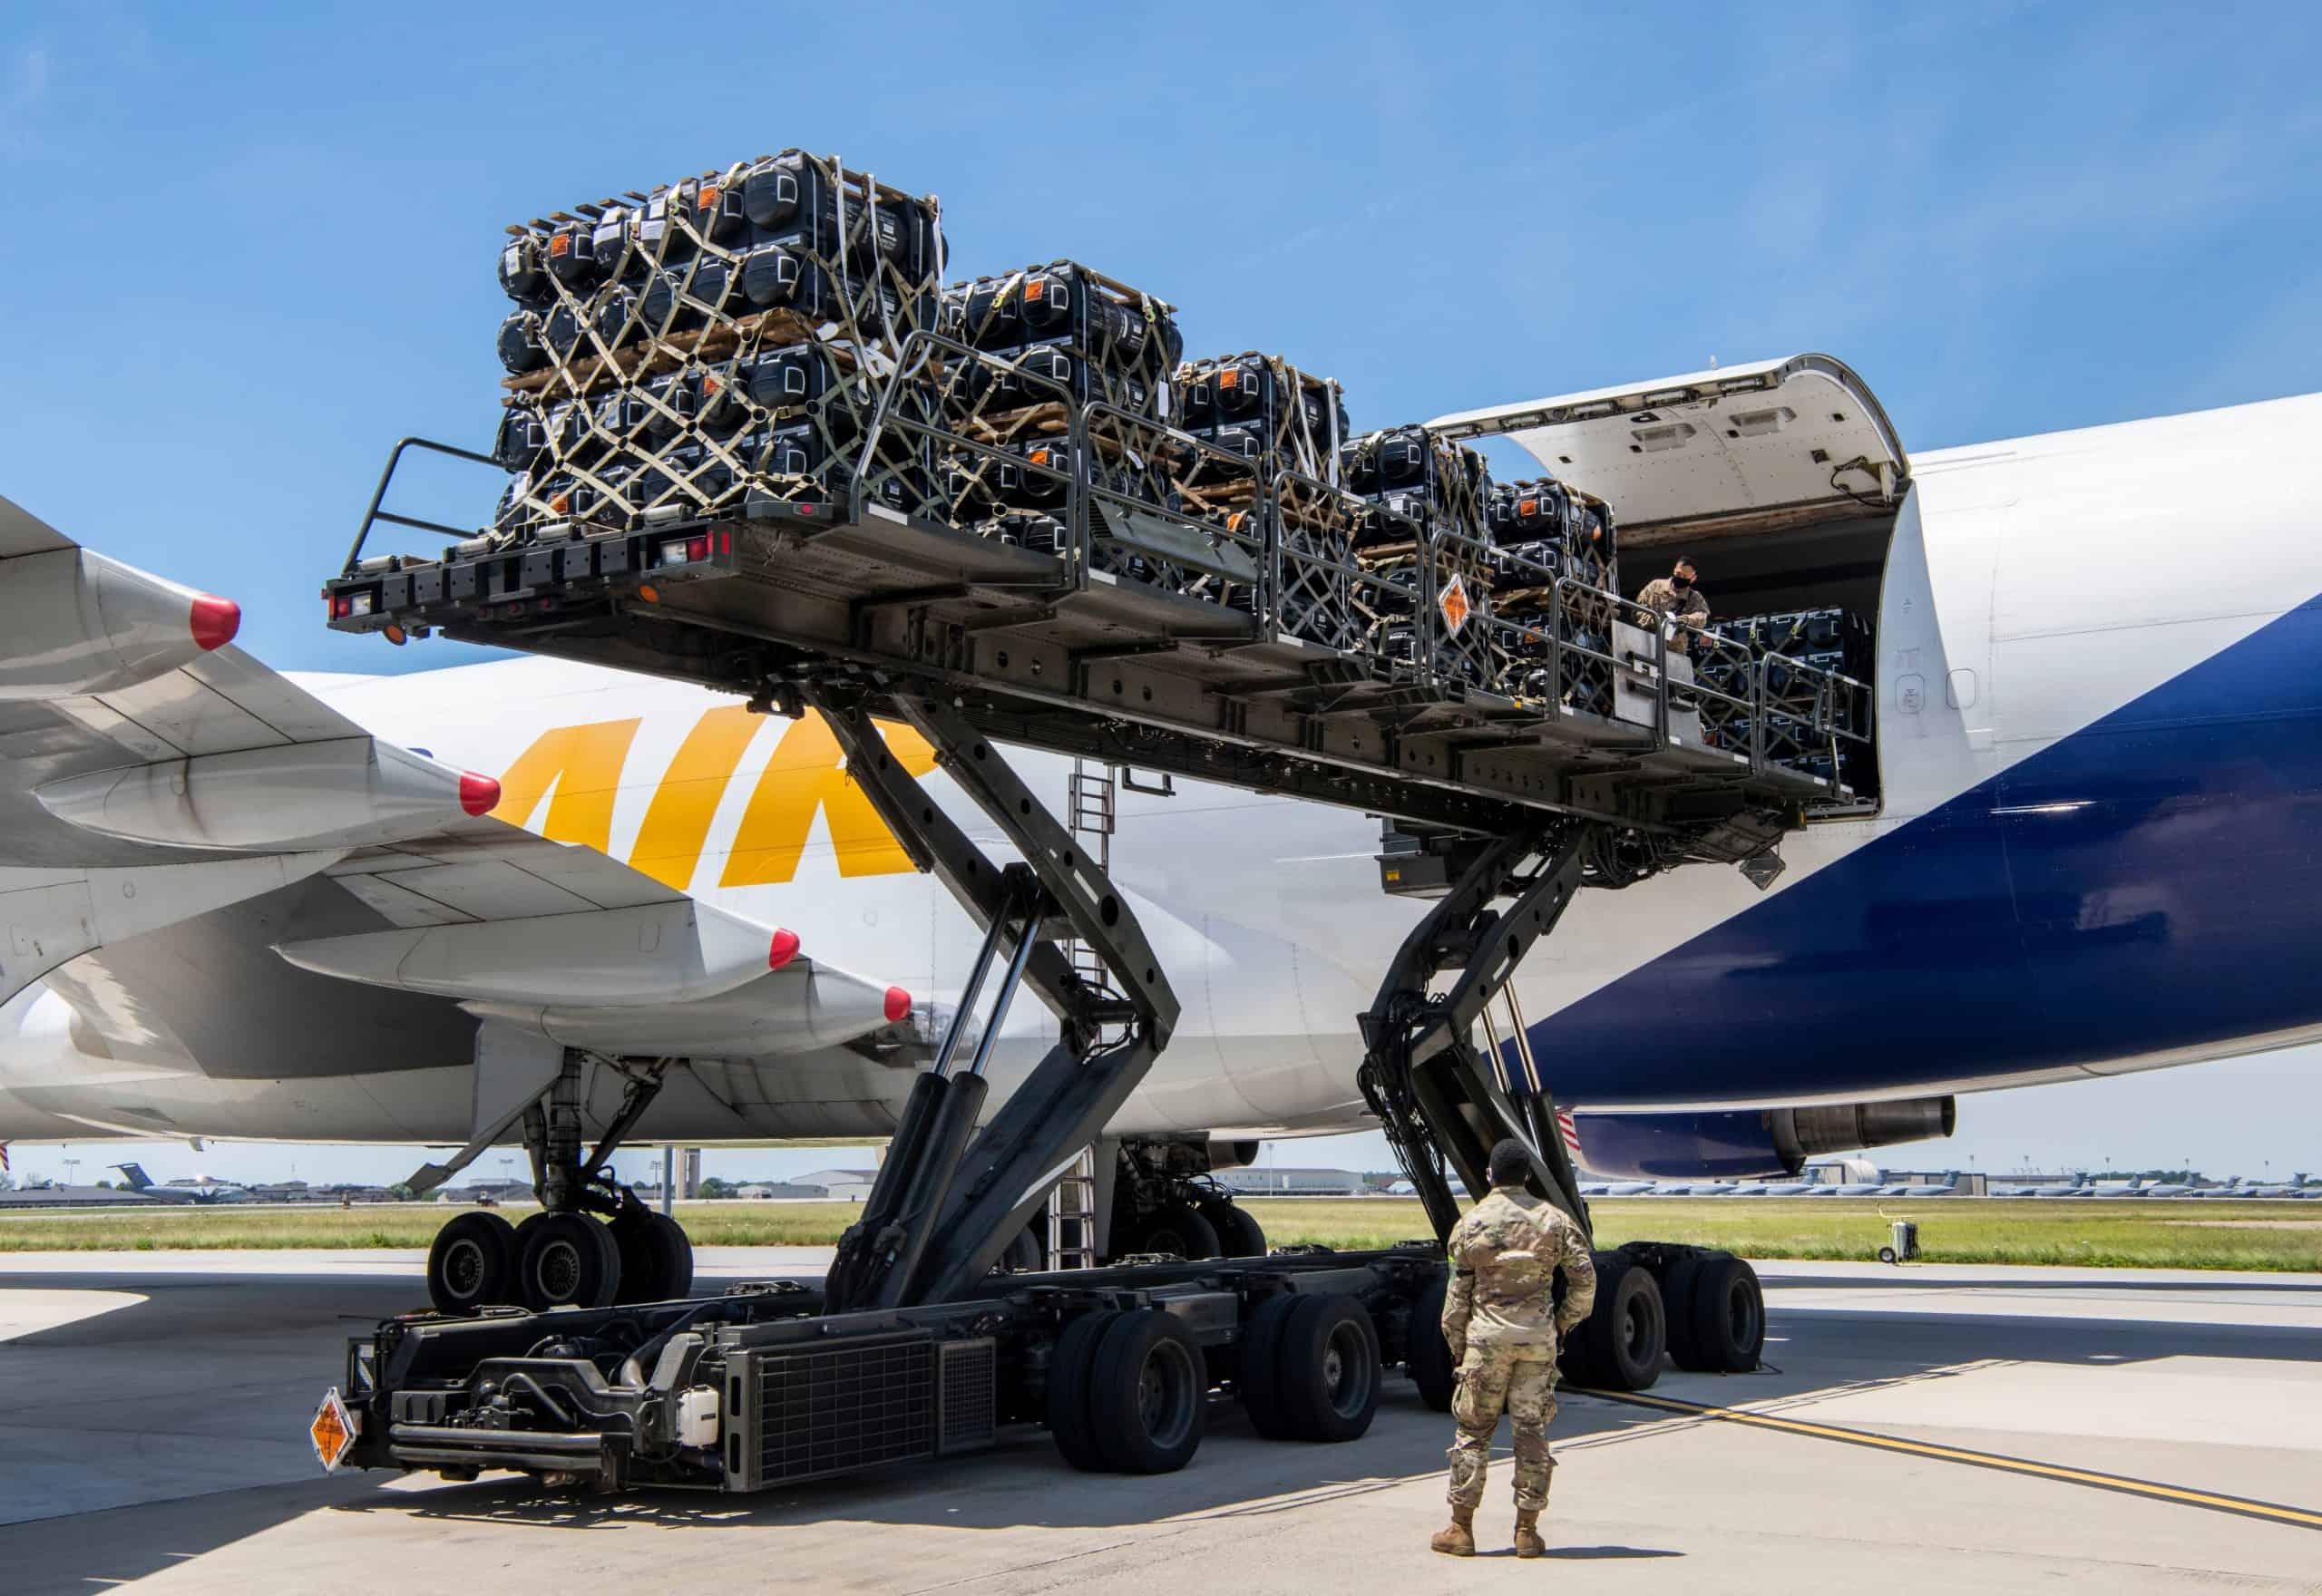 Завантаження контейнерів з протитанковими керованими ракетами Javelin на авіабазі Довер у США